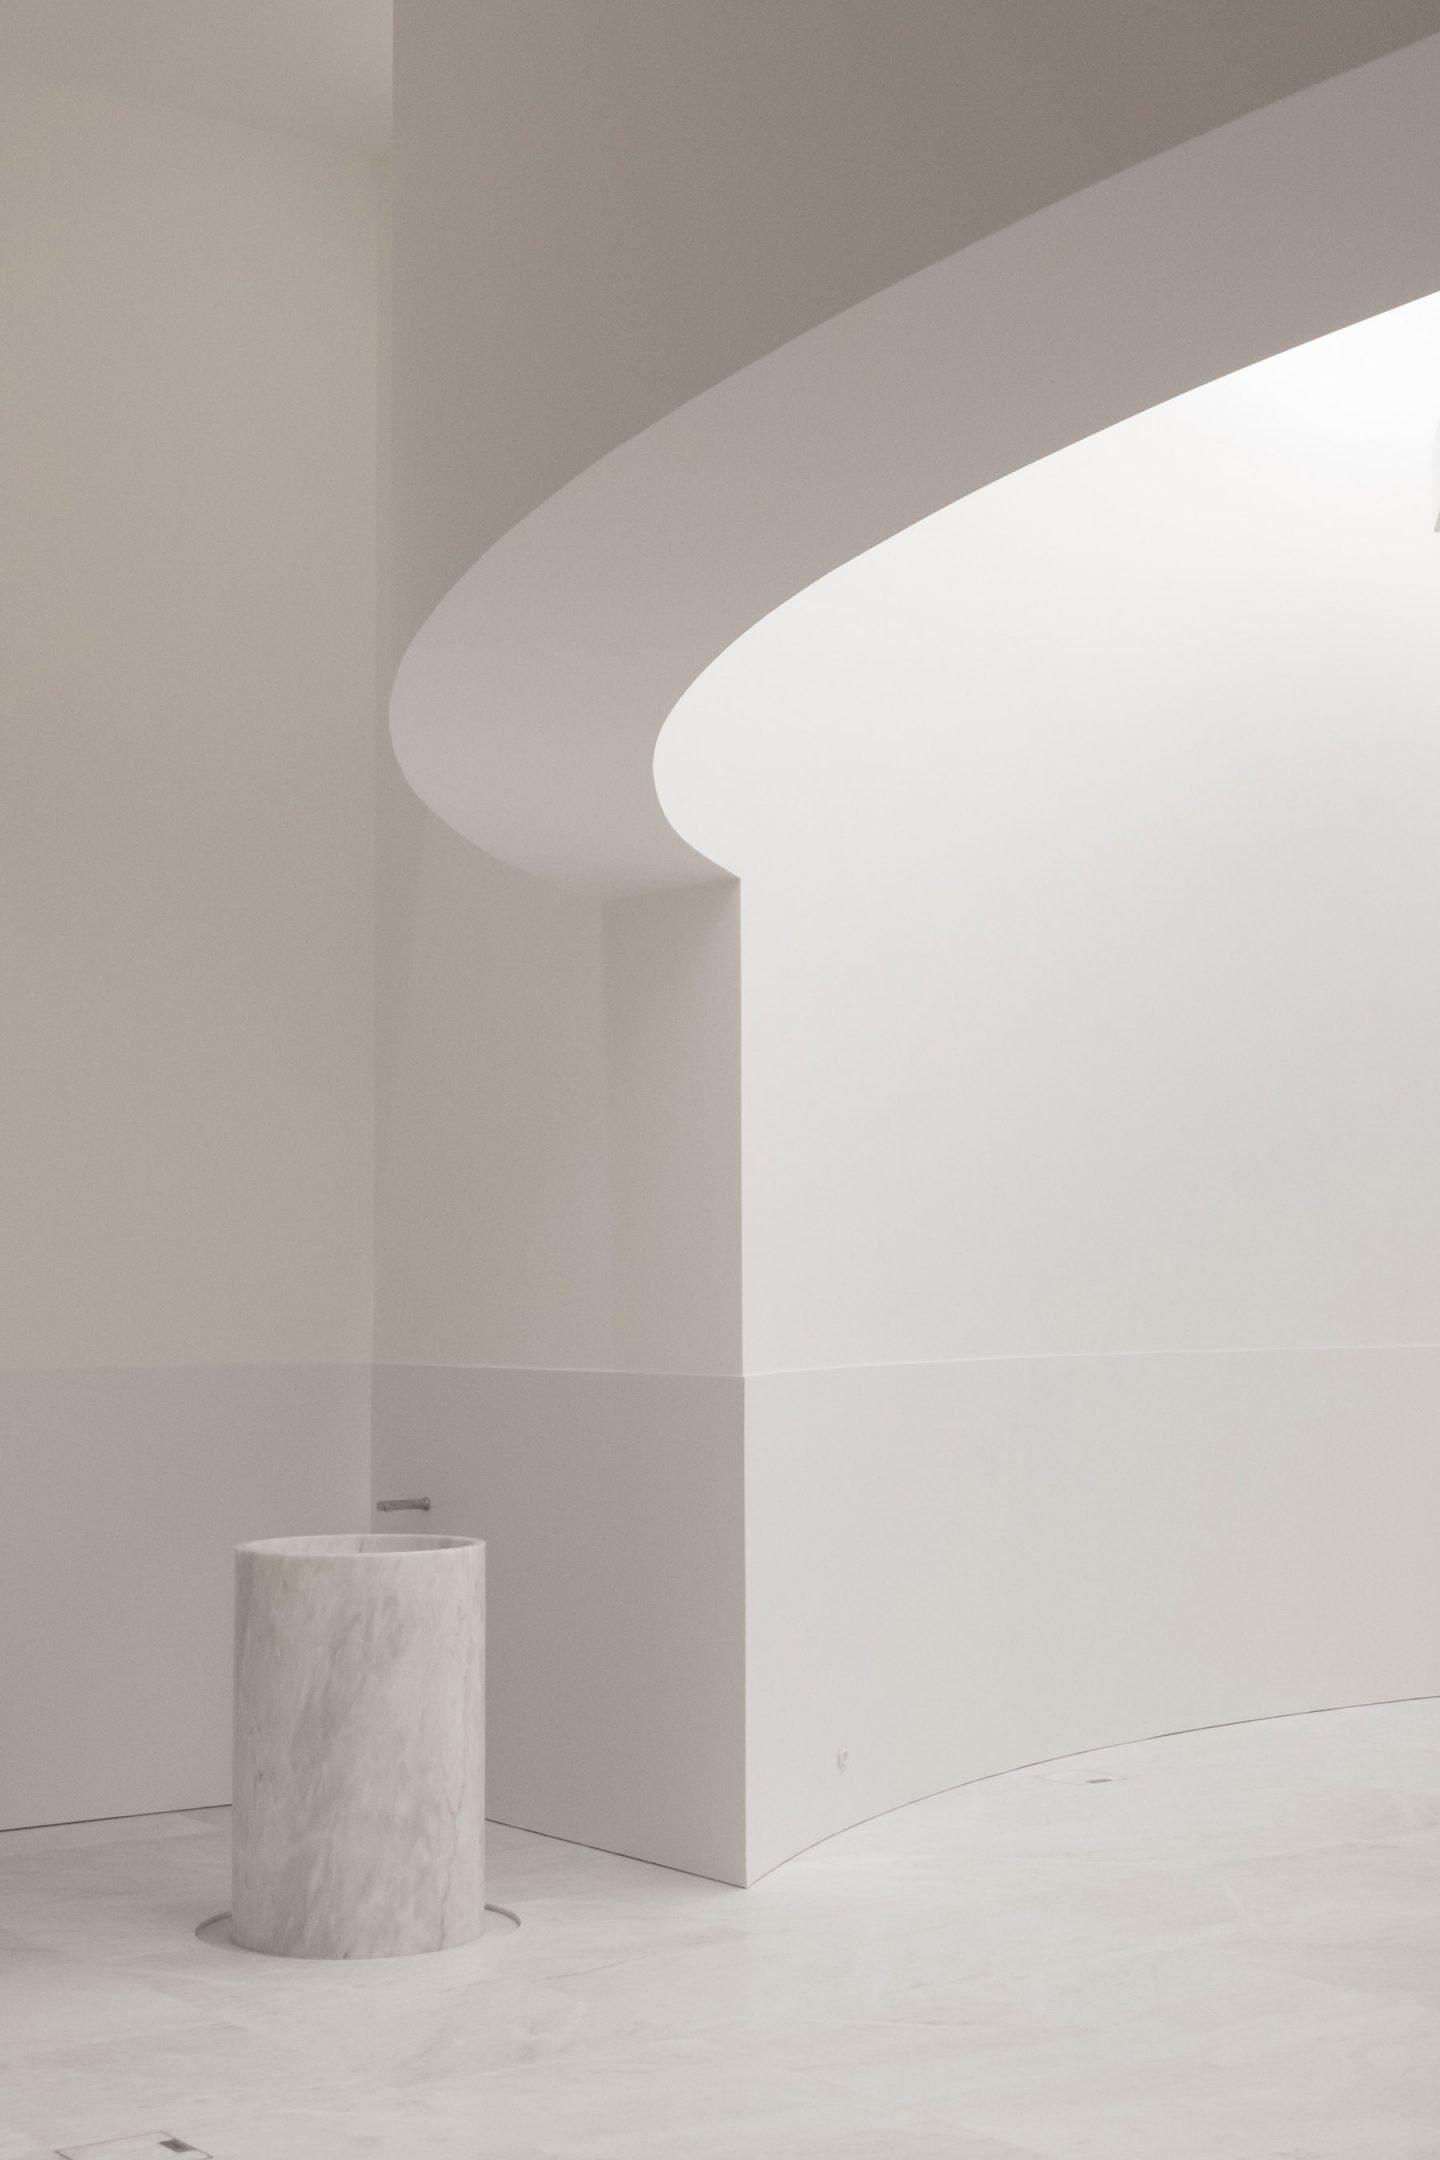 iGNANT-Architecture-Alvaro-Siza-Siza-Brittany-Church-023